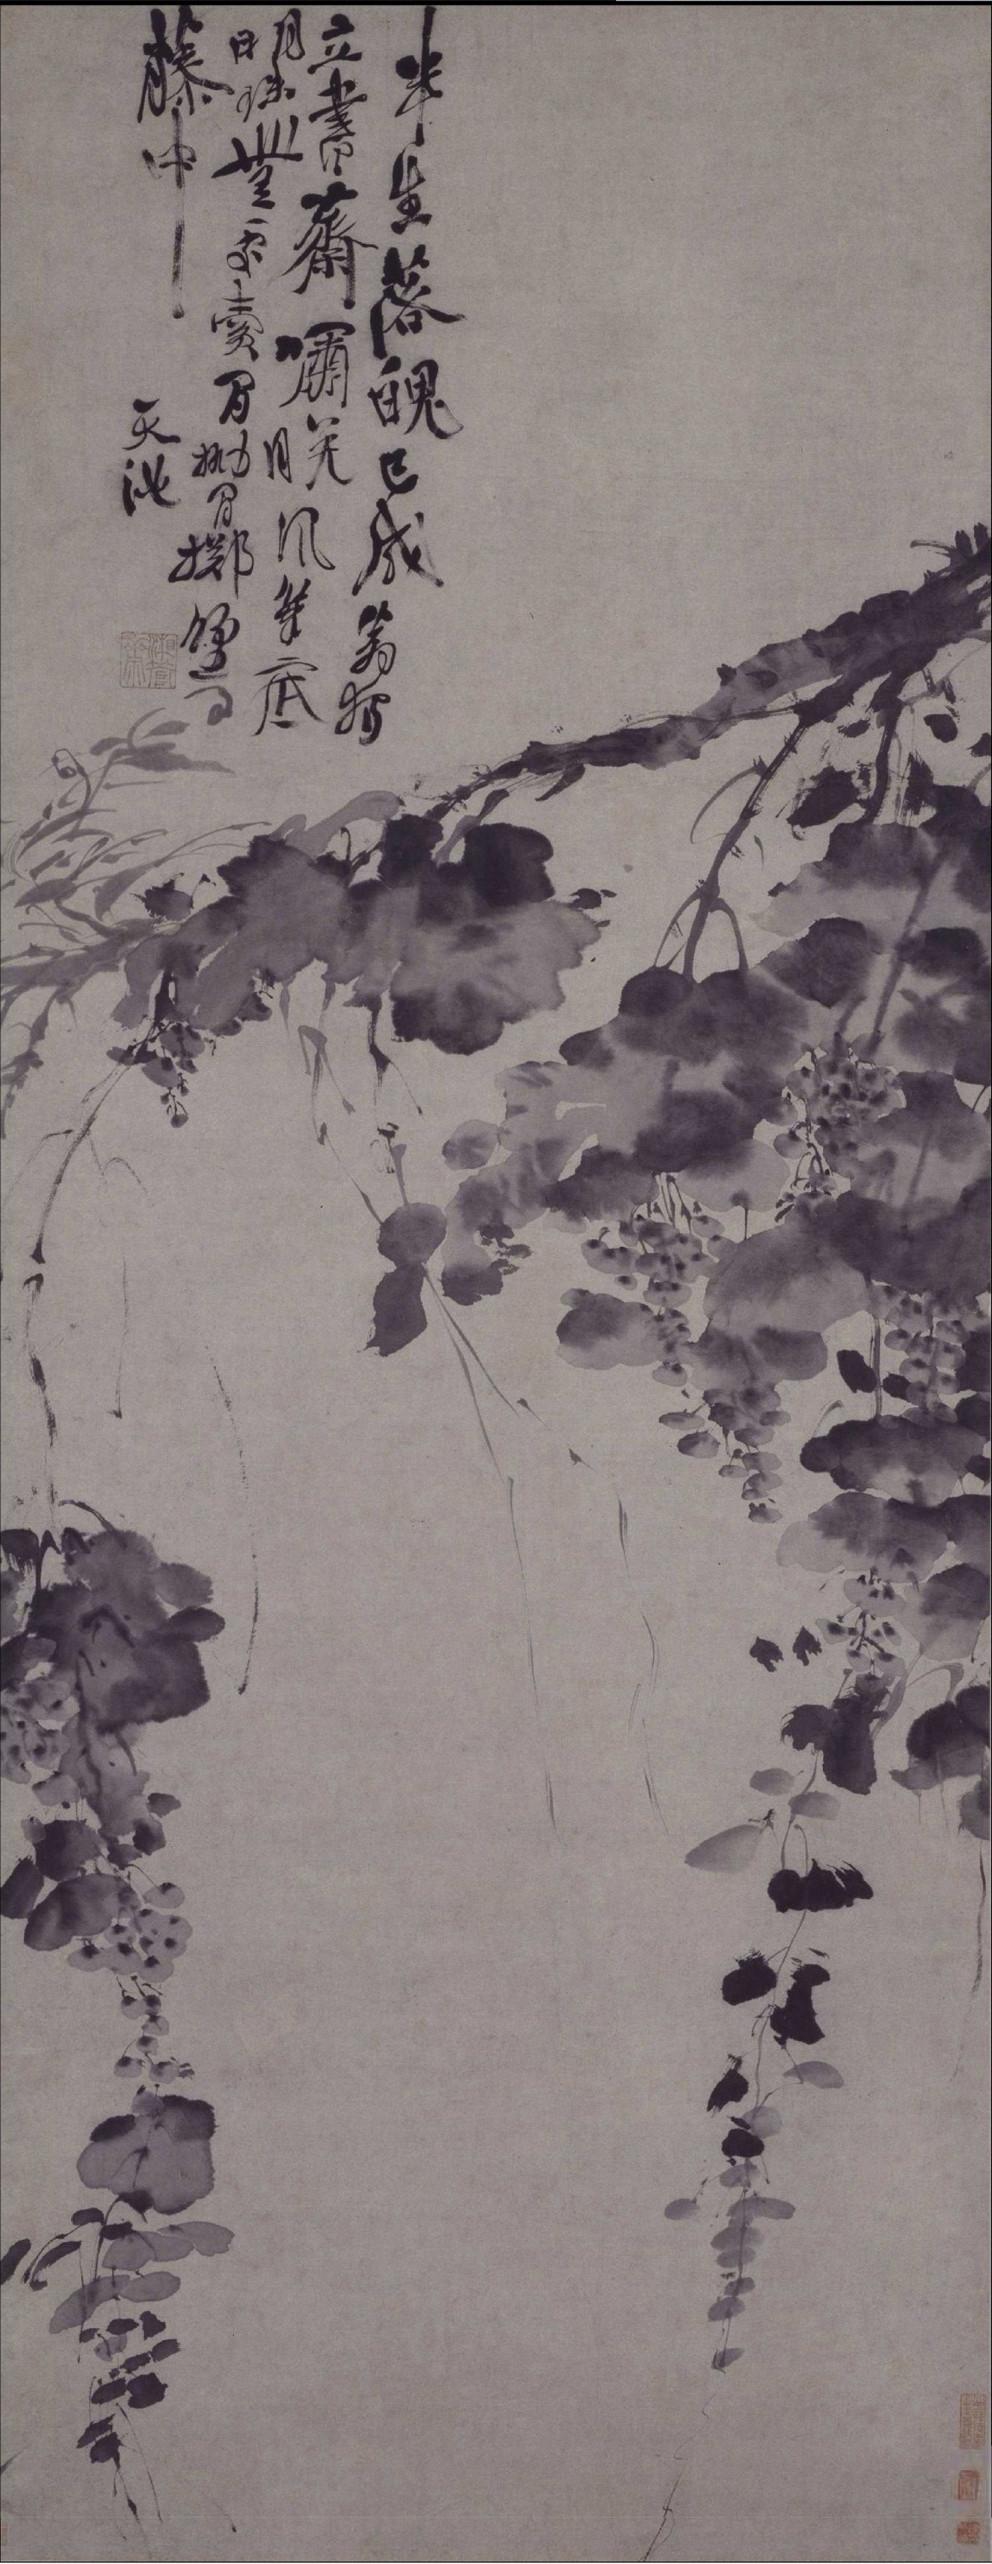 明 徐渭 墨葡萄图 纸本水墨 纵116.4厘米横64.3厘米 故宫博物院藏